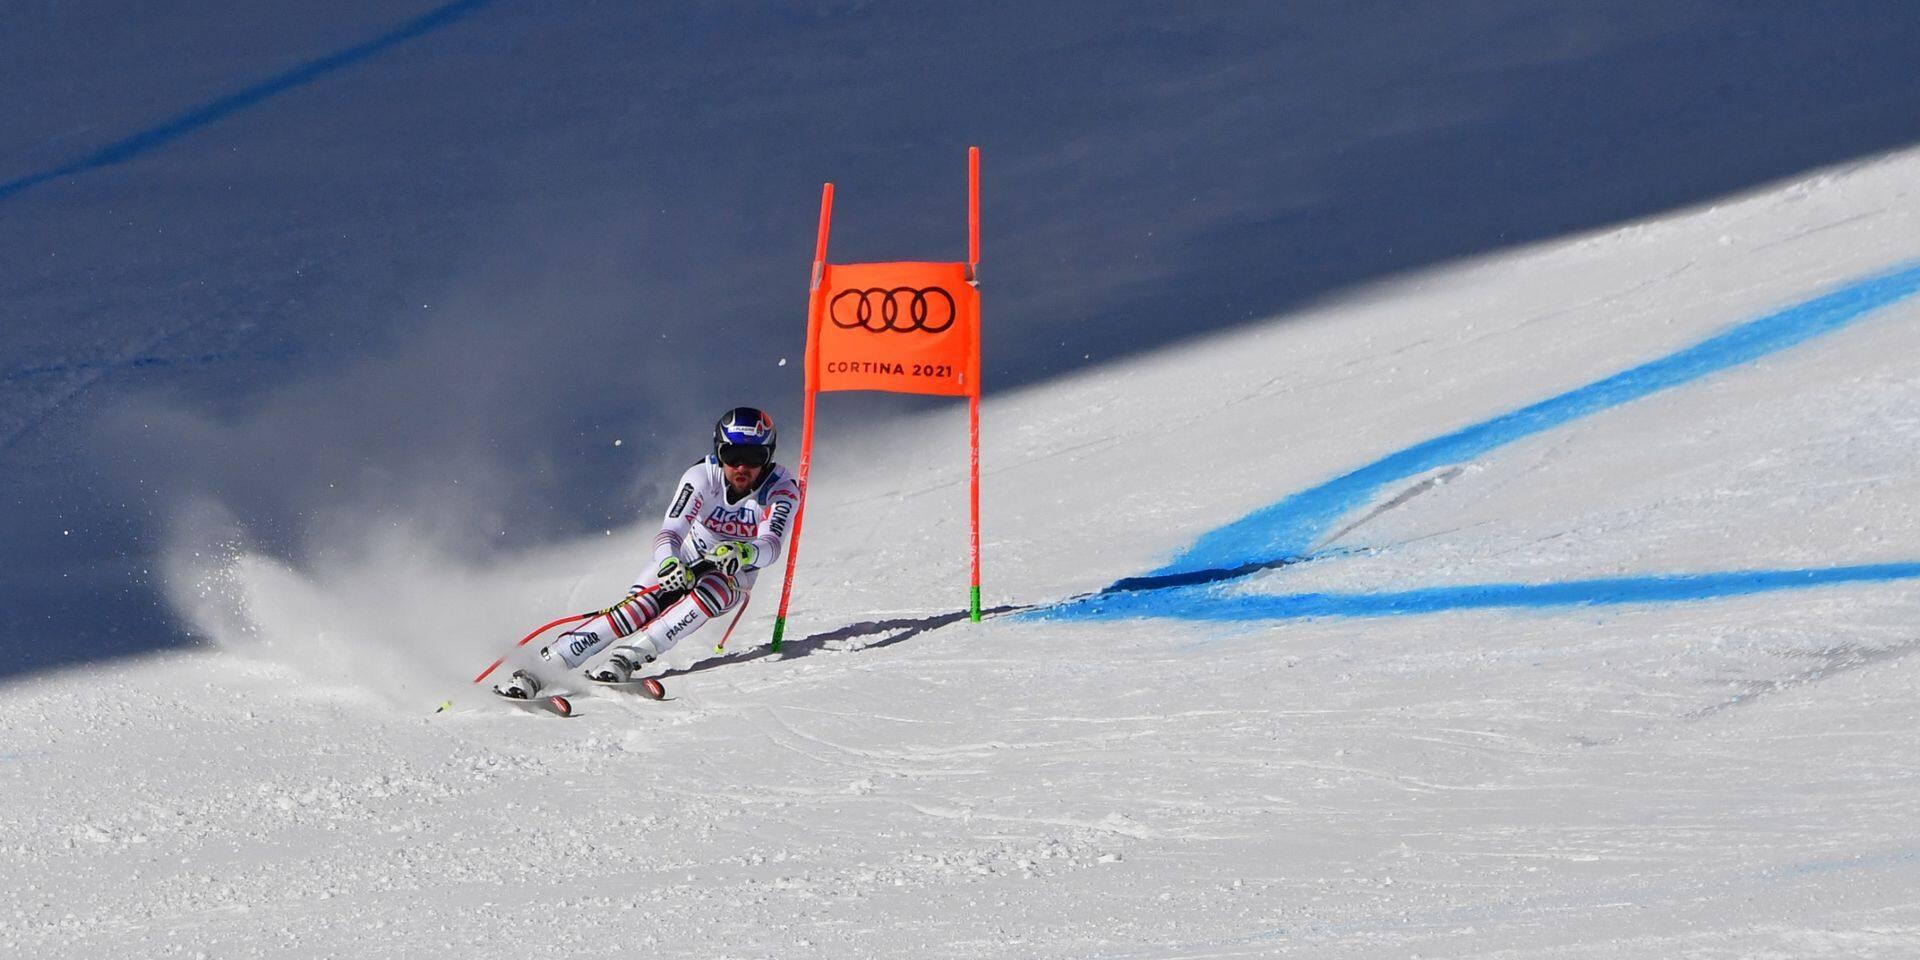 L'incroyable numéro d'acrobate de ce skieur pour éviter une terrible chute (VIDEO)